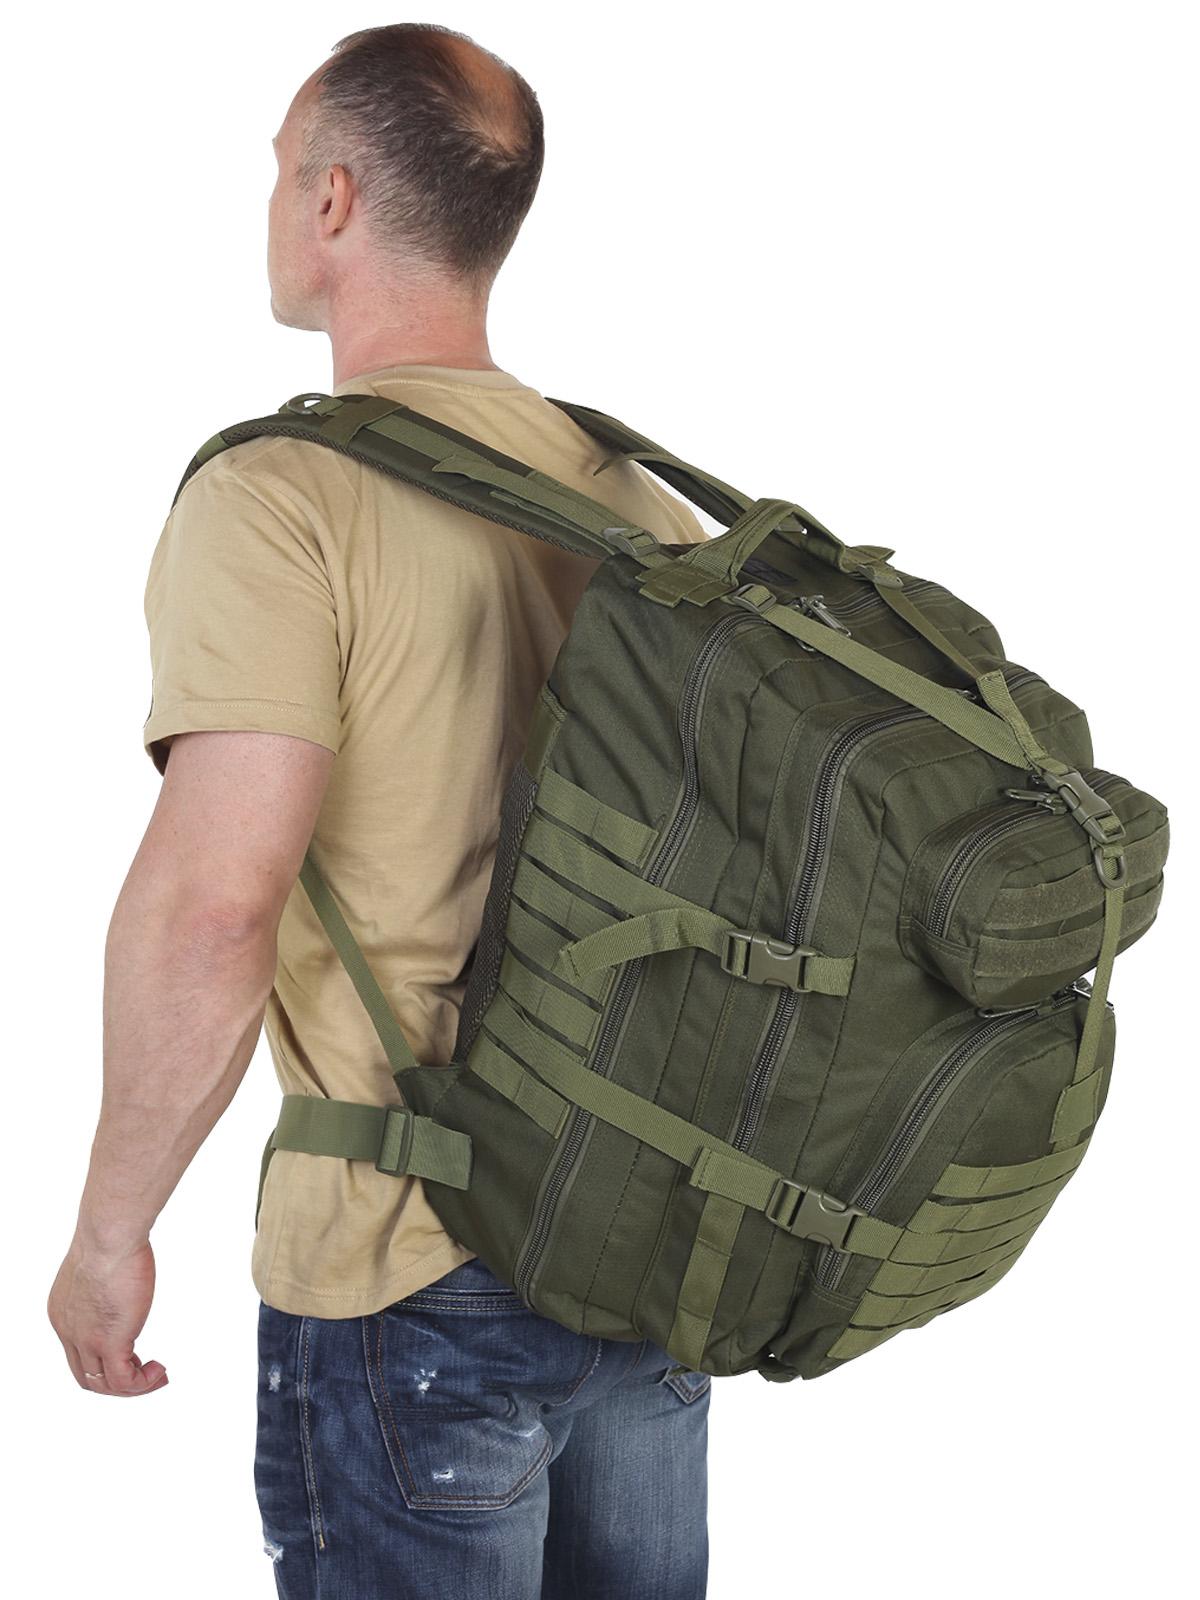 Недорого купить тактический рюкзак